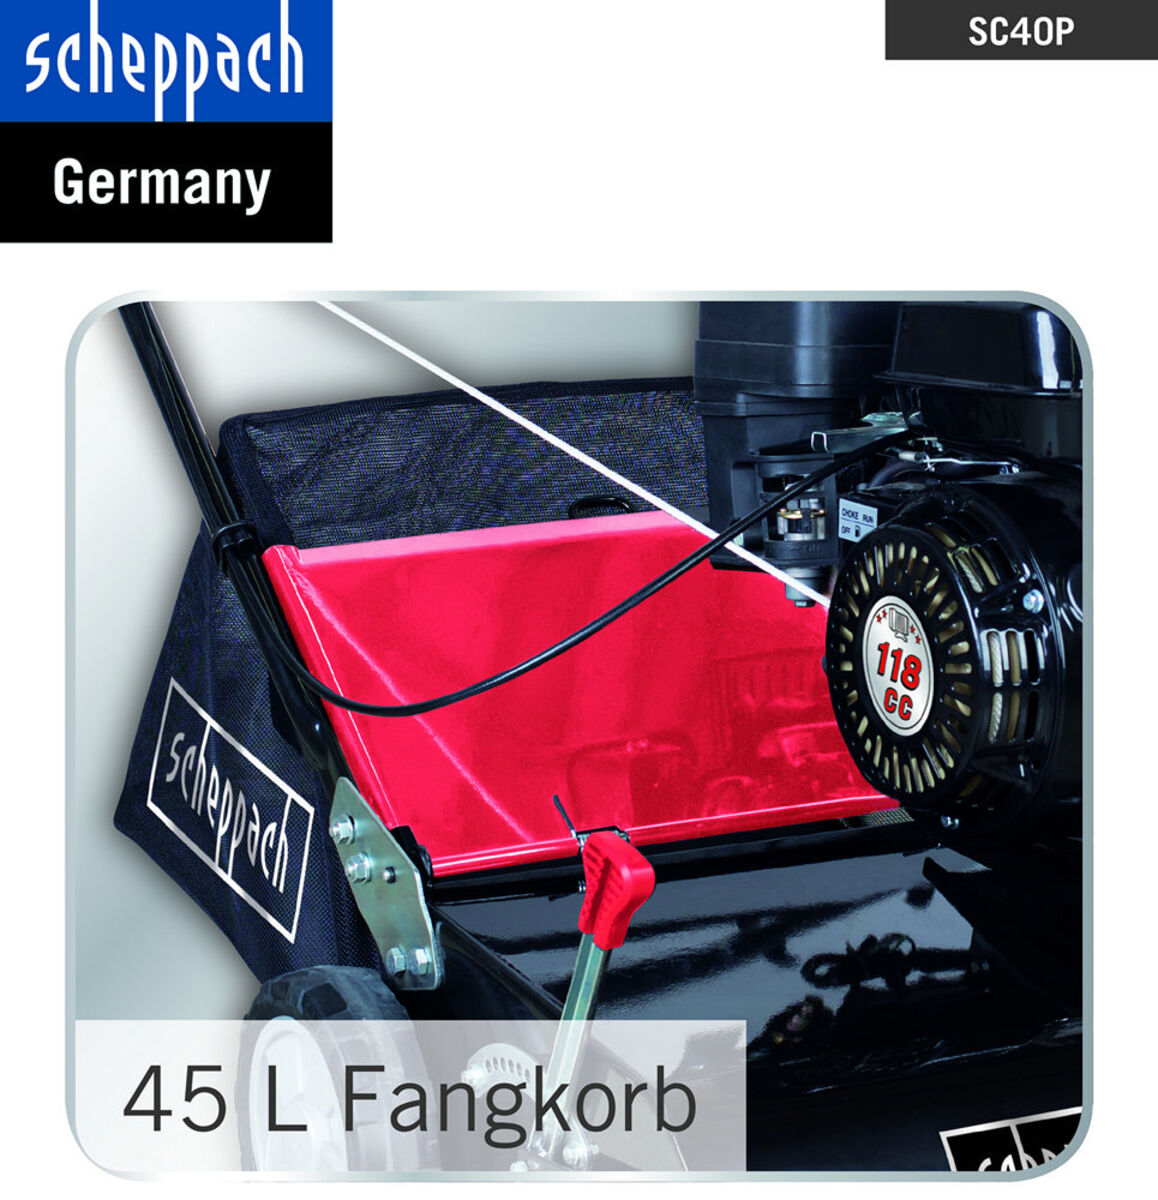 Bild 4 von Scheppach SC40P Benzin-Vertikutierer